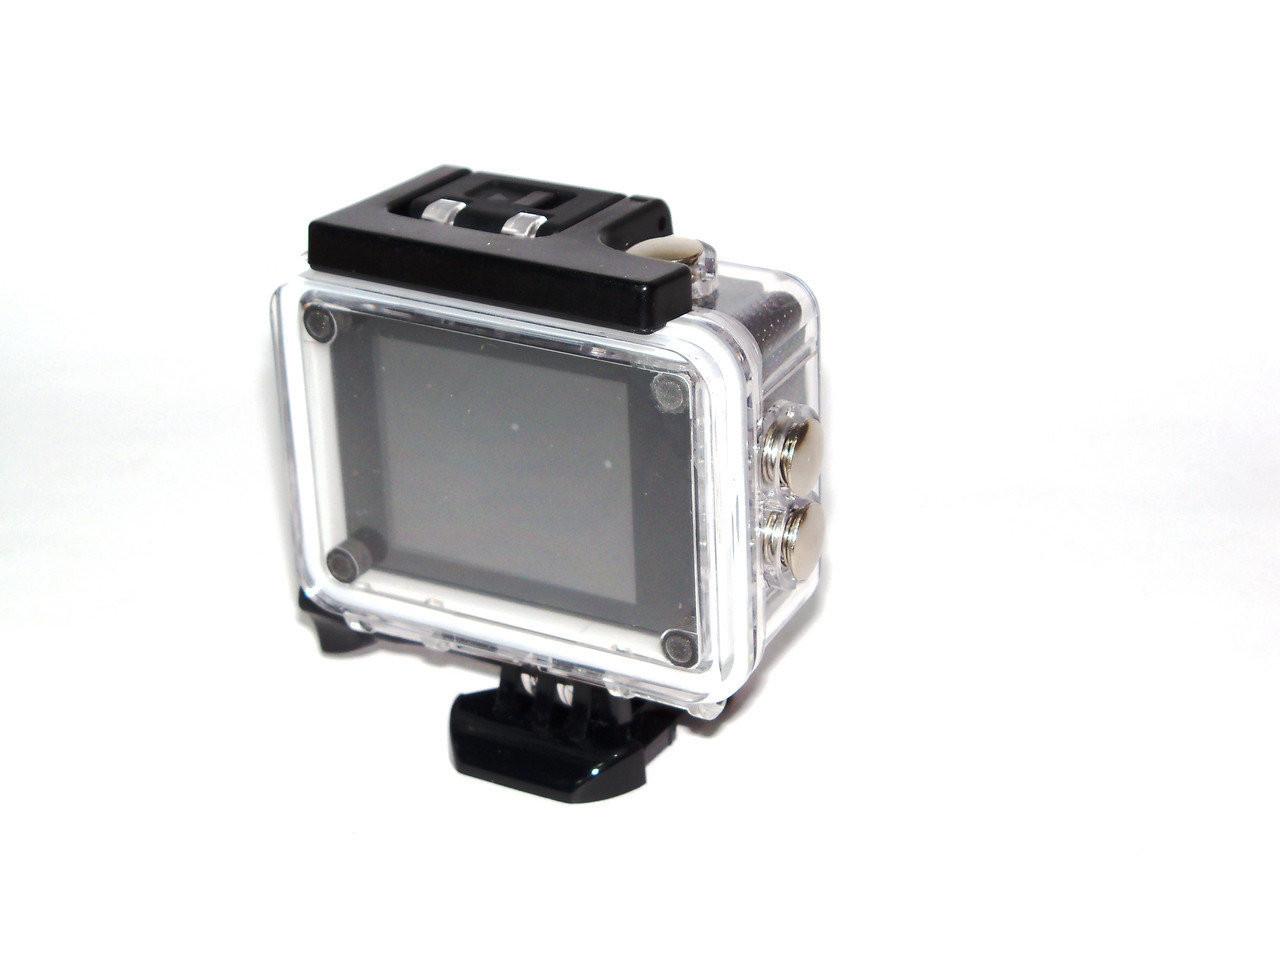 Спортивная водонепроницаемая камера Action Camera  DVR SPORT S2 Wi Fi  4K